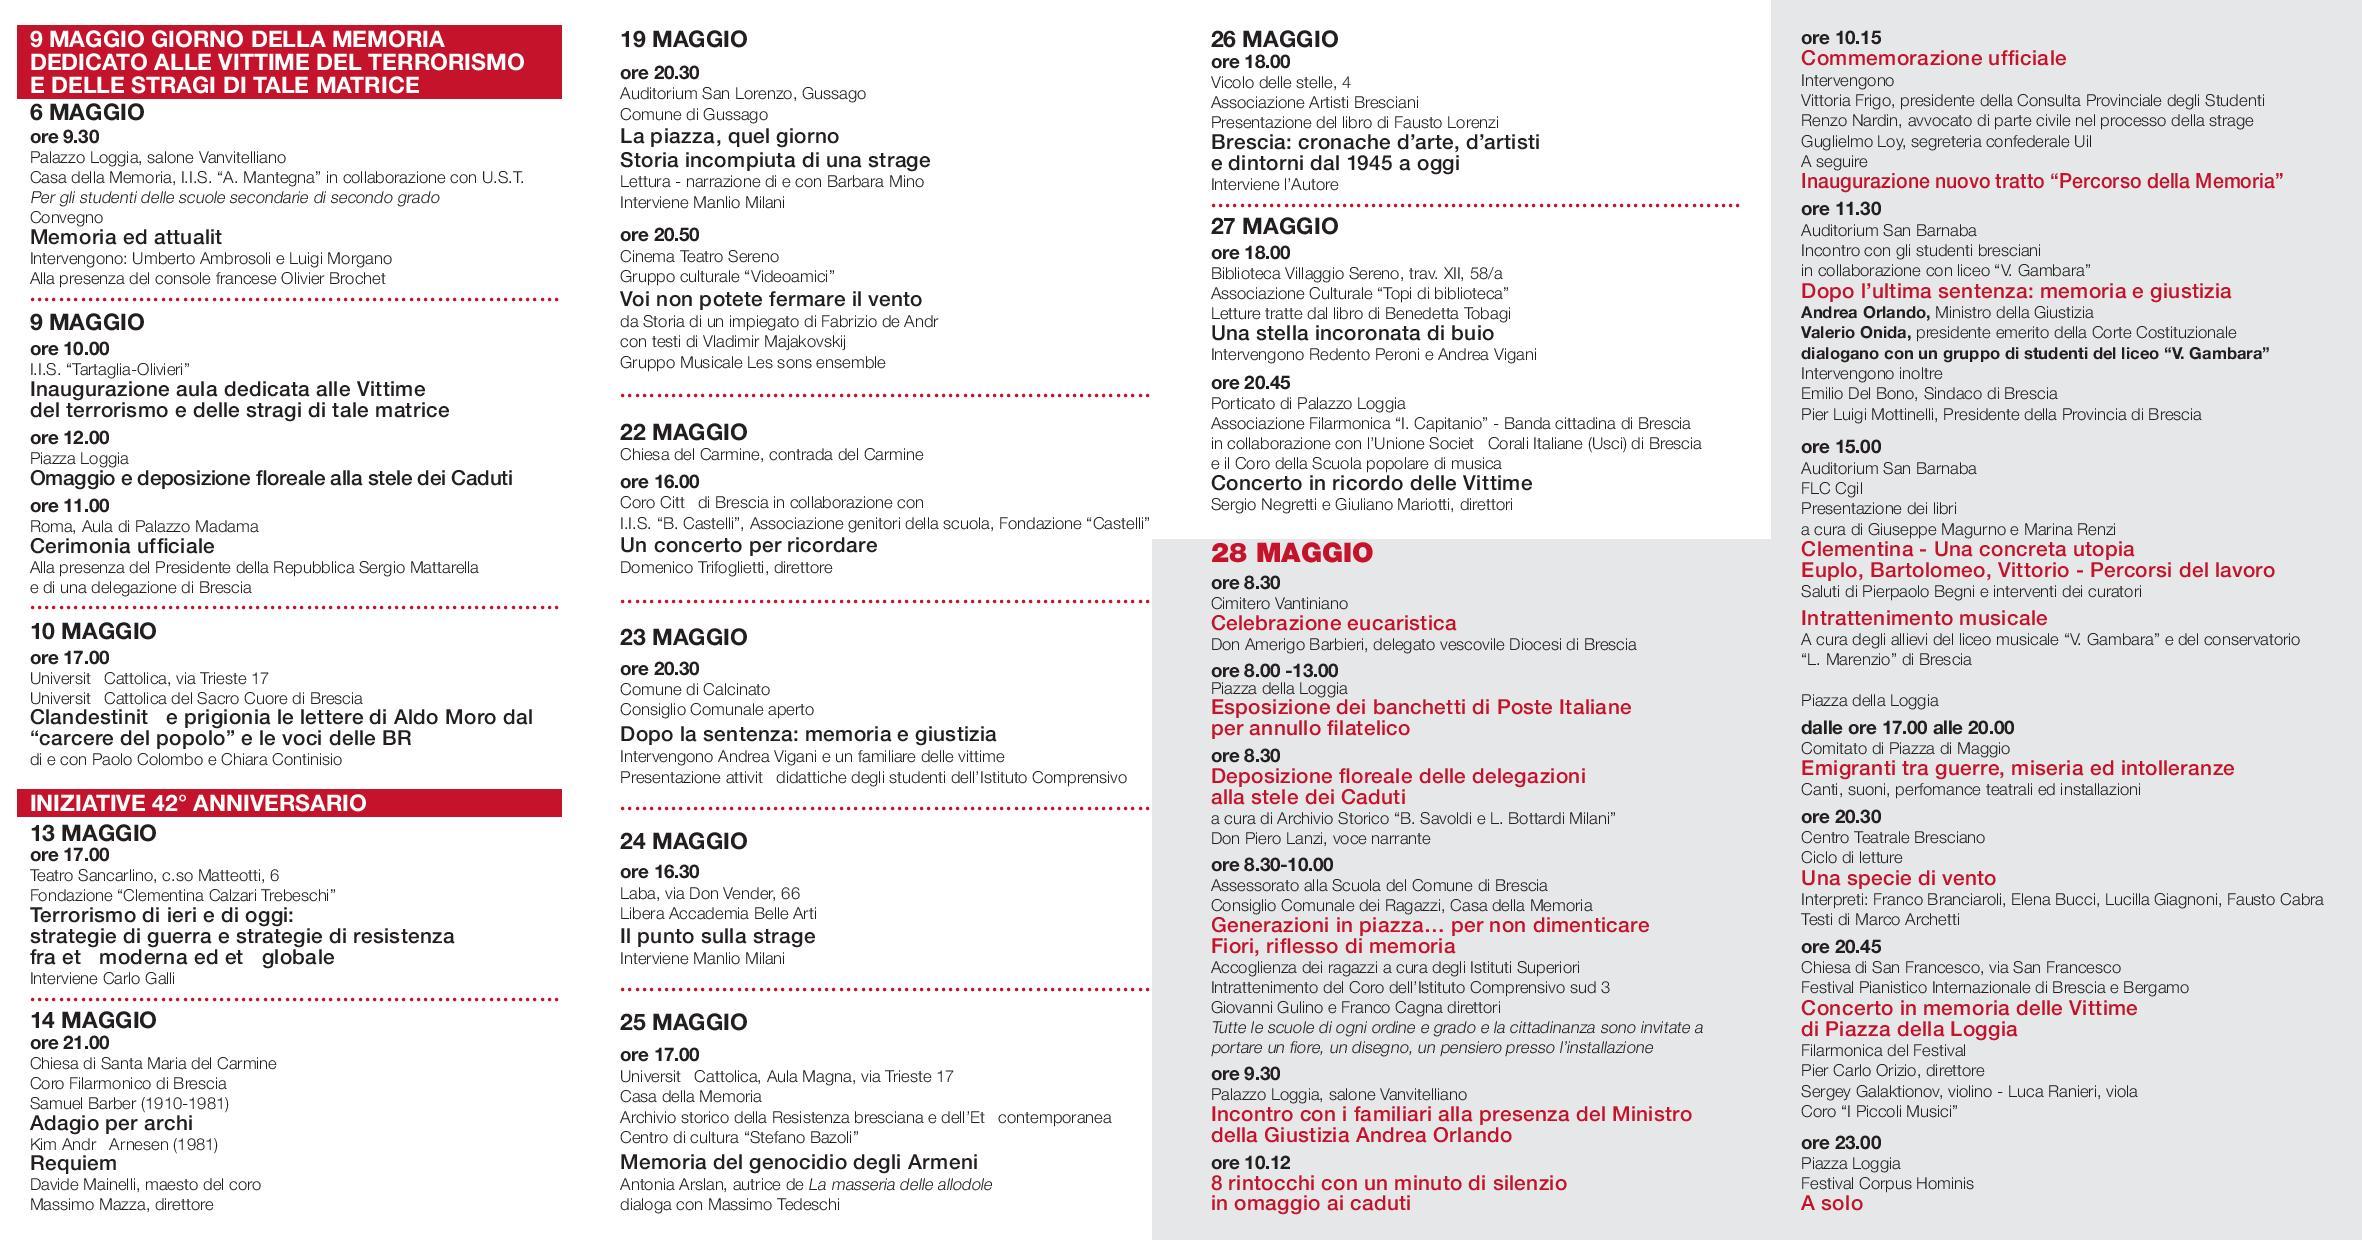 Programma 42° anniversario strage piazza Loggia-page-002